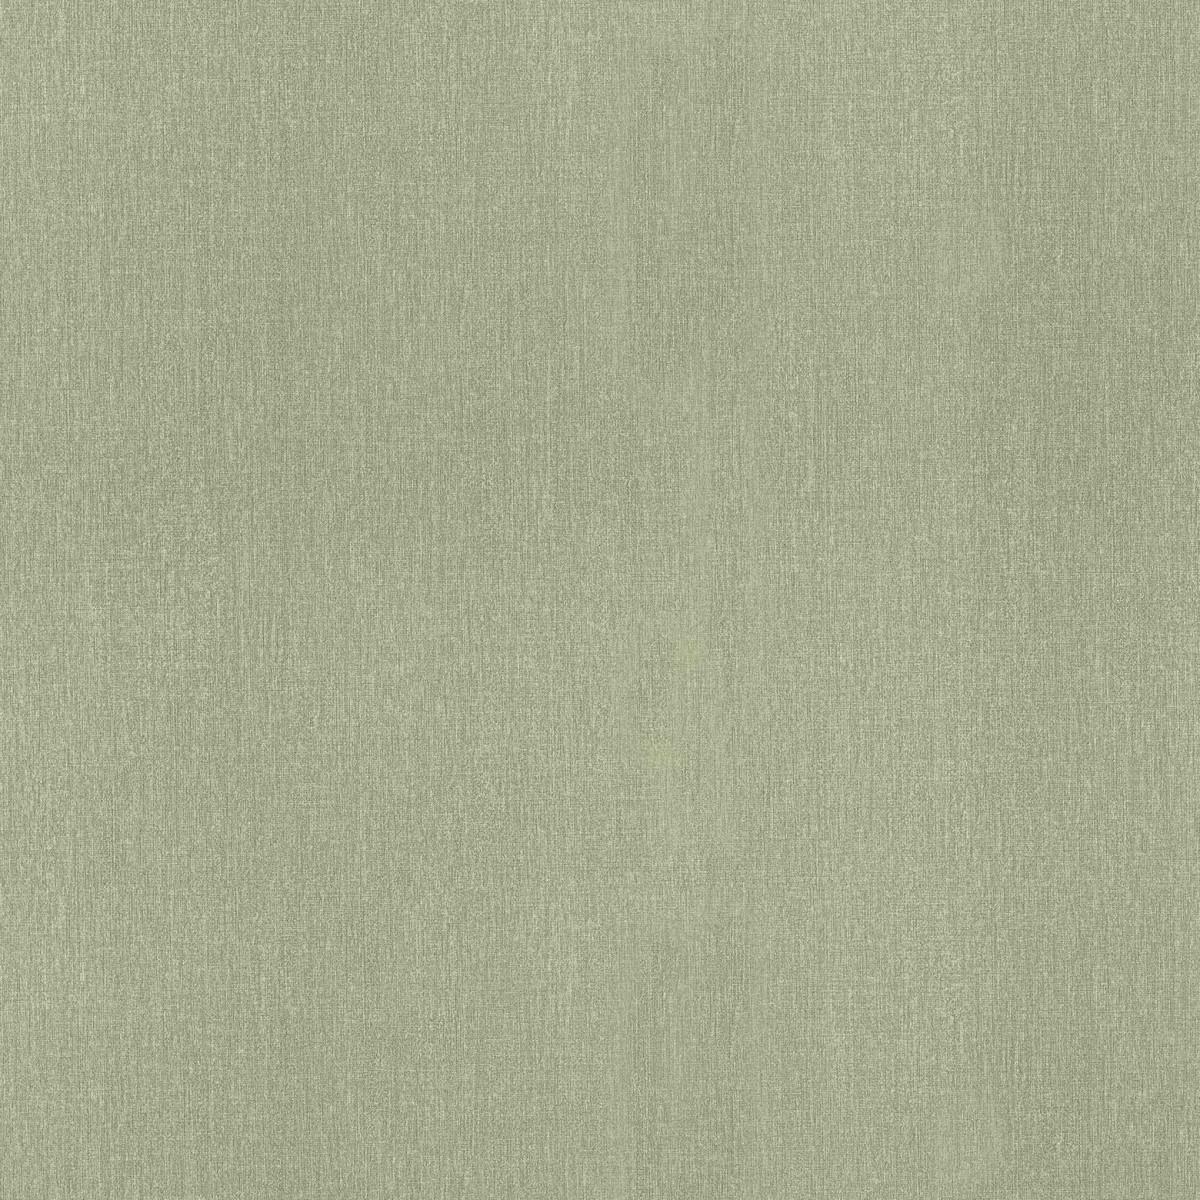 Обои флизелиновые Мир Авангард United Colors зеленые 1.06 м 45А-312-02